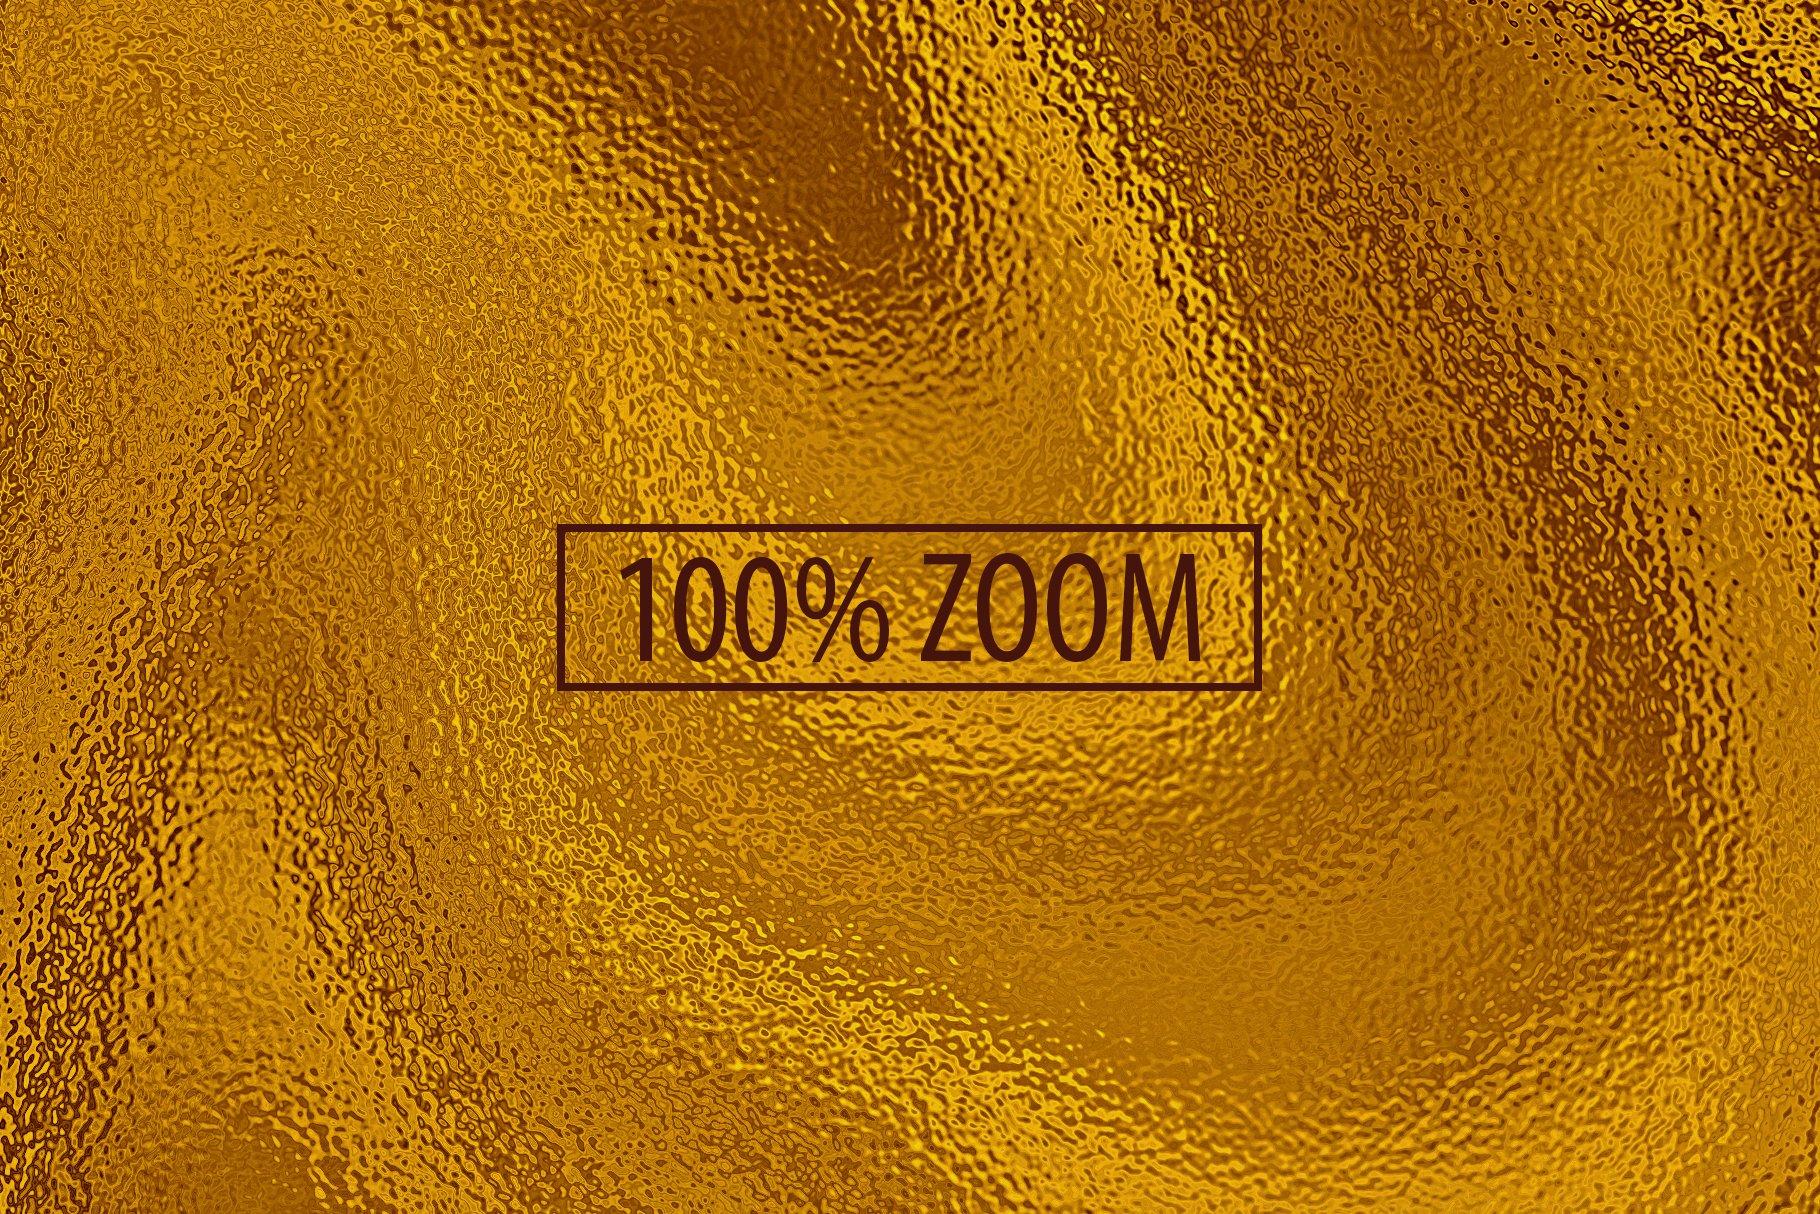 [单独购买] 现代优雅抽象花卉图形艺术线条金色箔纸设计套件 Abstract Line Art Design Kit插图28